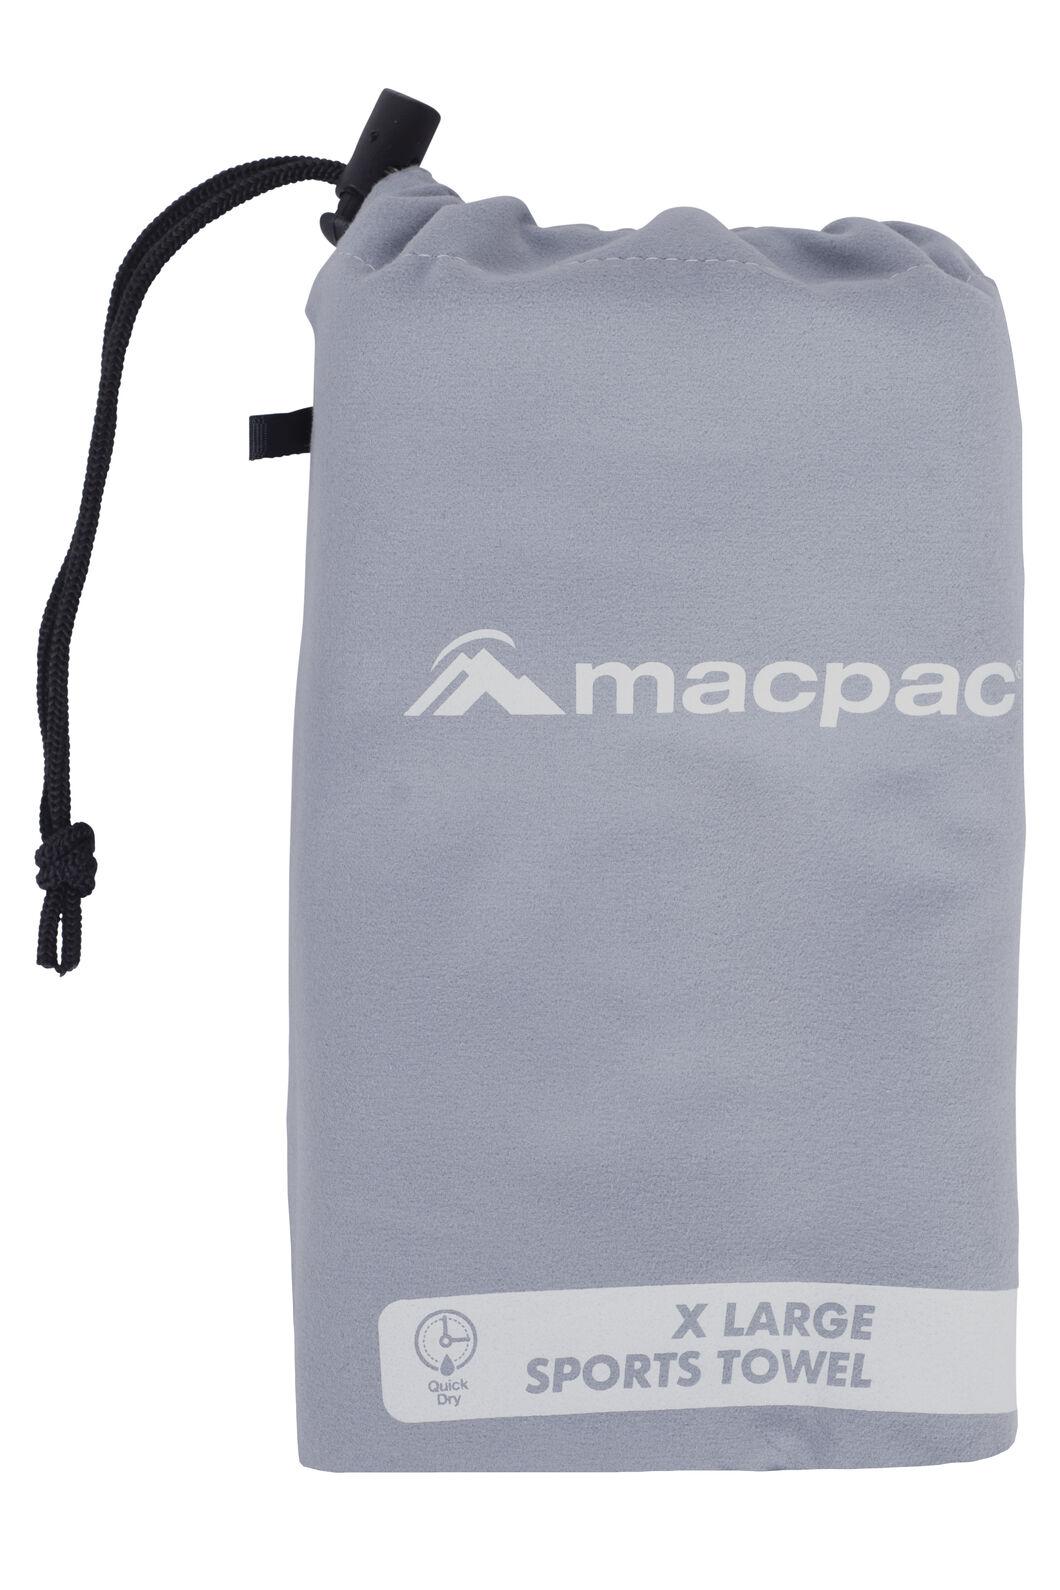 Macpac Sports Towel XL, Charcoal, hi-res